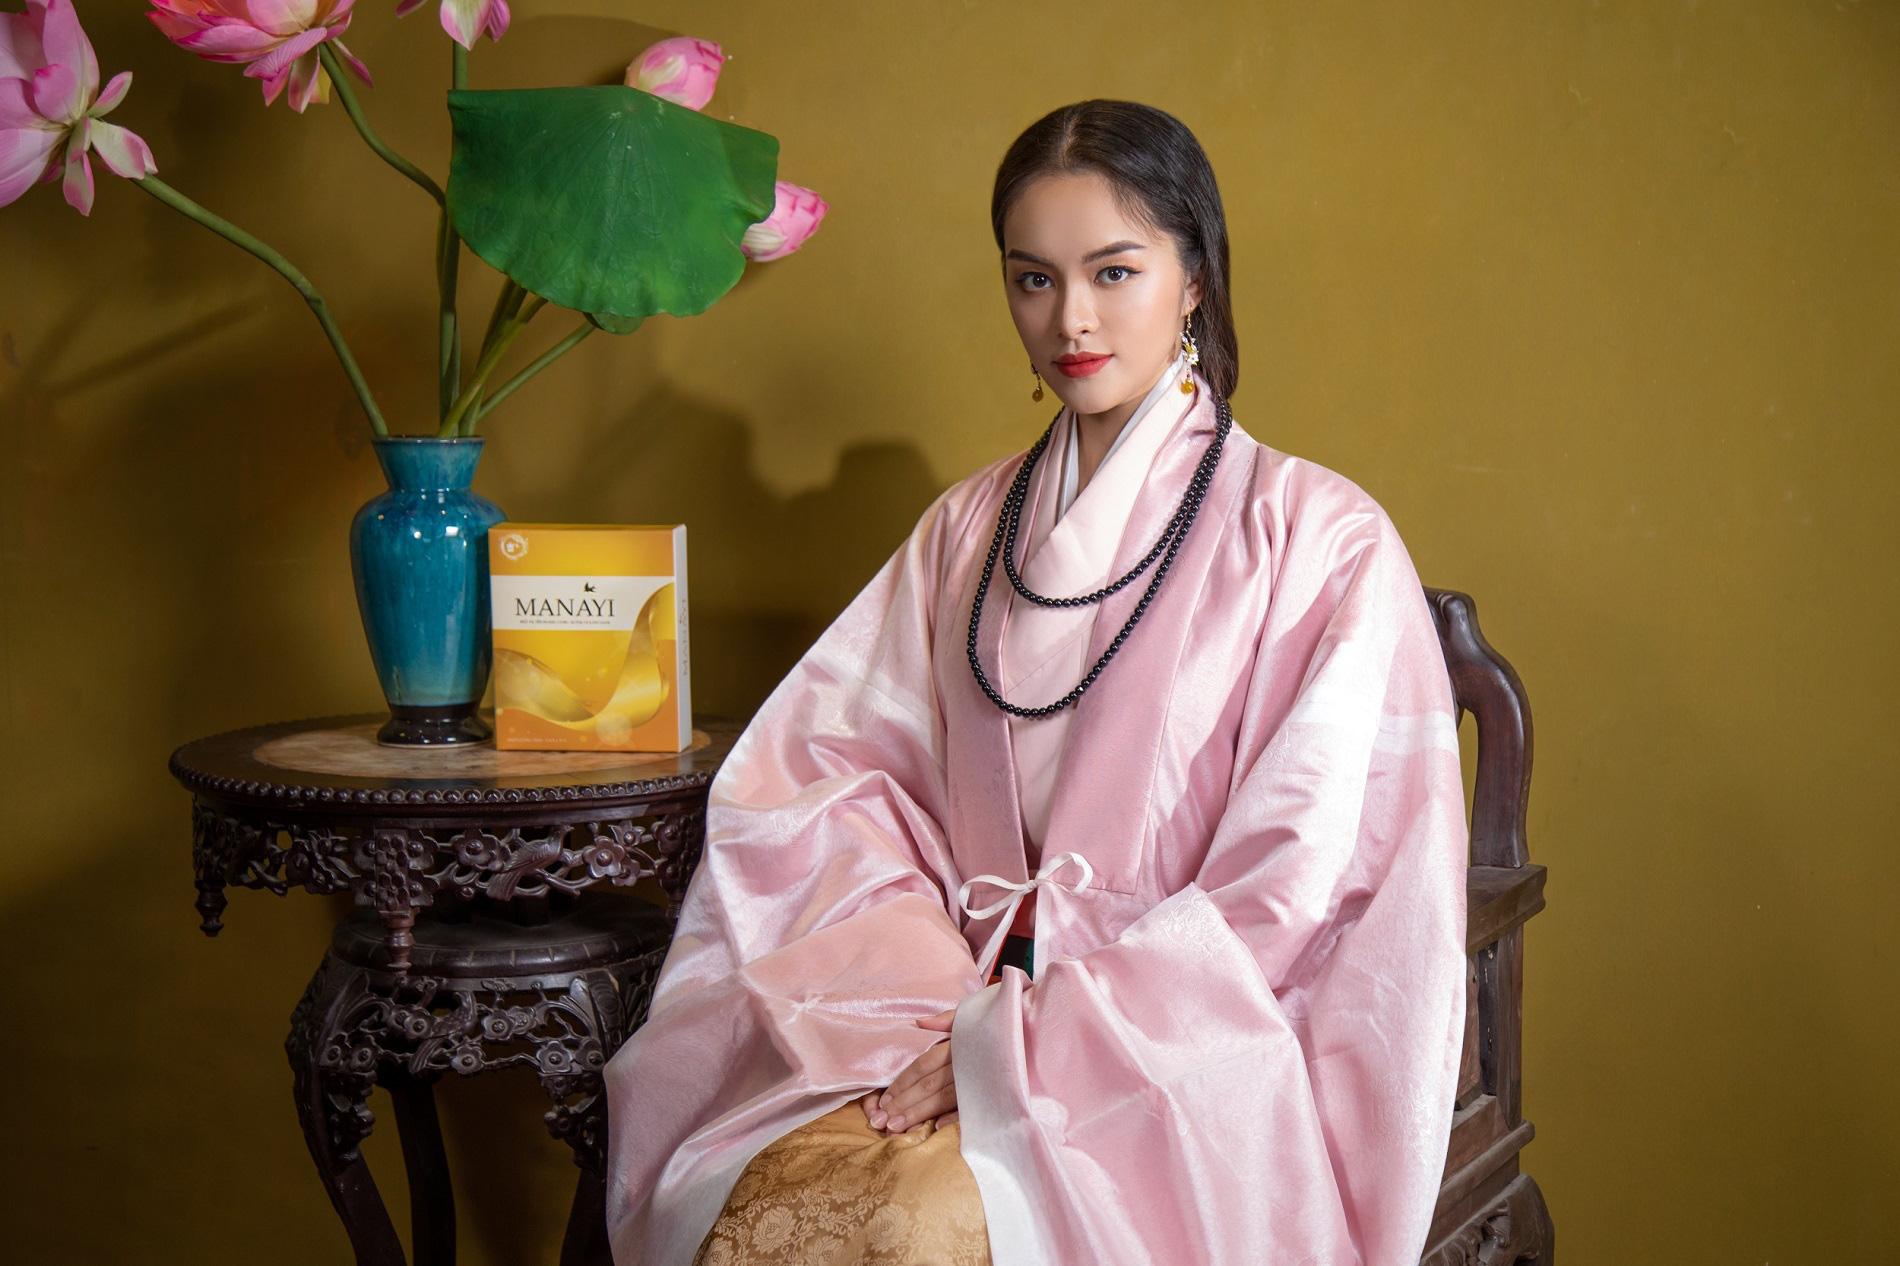 """Ấn tượng bộ ảnh """"Manayi - vàng son một thuở"""" tôn vinh hương sắc đất Việt ngàn năm - Ảnh 9."""